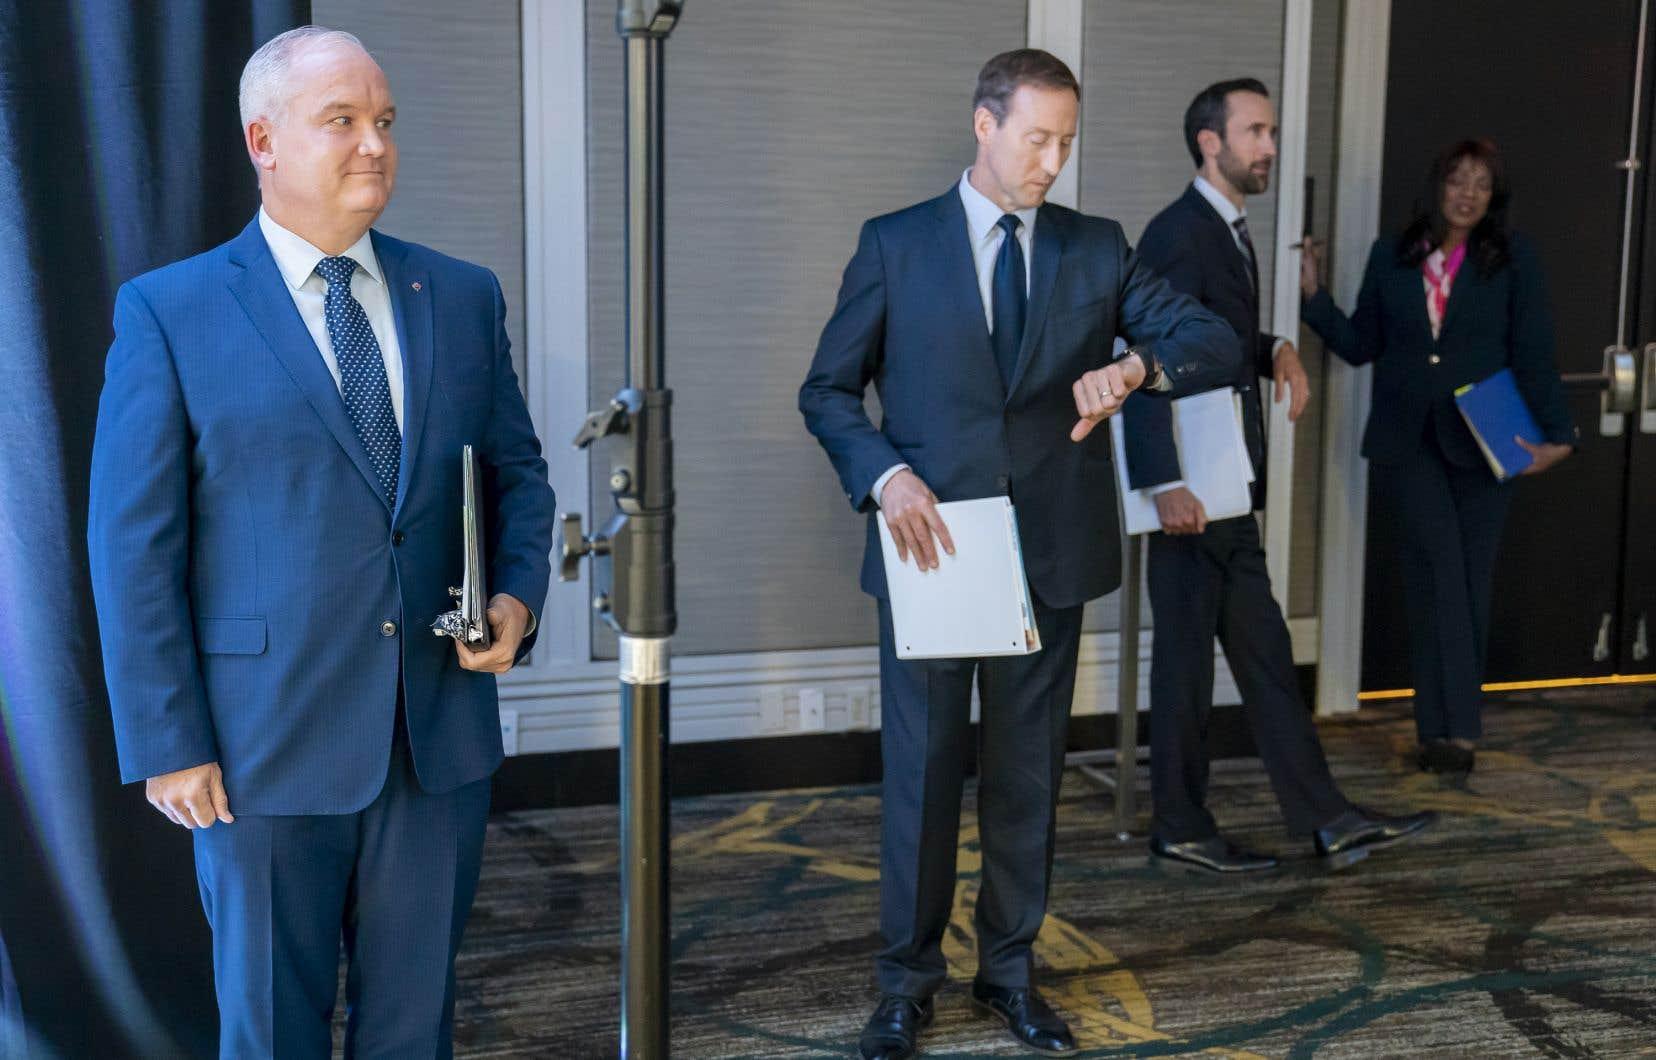 Les quatres candidats en lice pour la chefferie du Parti conservateur sontErin O'Toole, Peter MacKay, Derek Sloan et Leslyn Lewis (de gauche à droite).